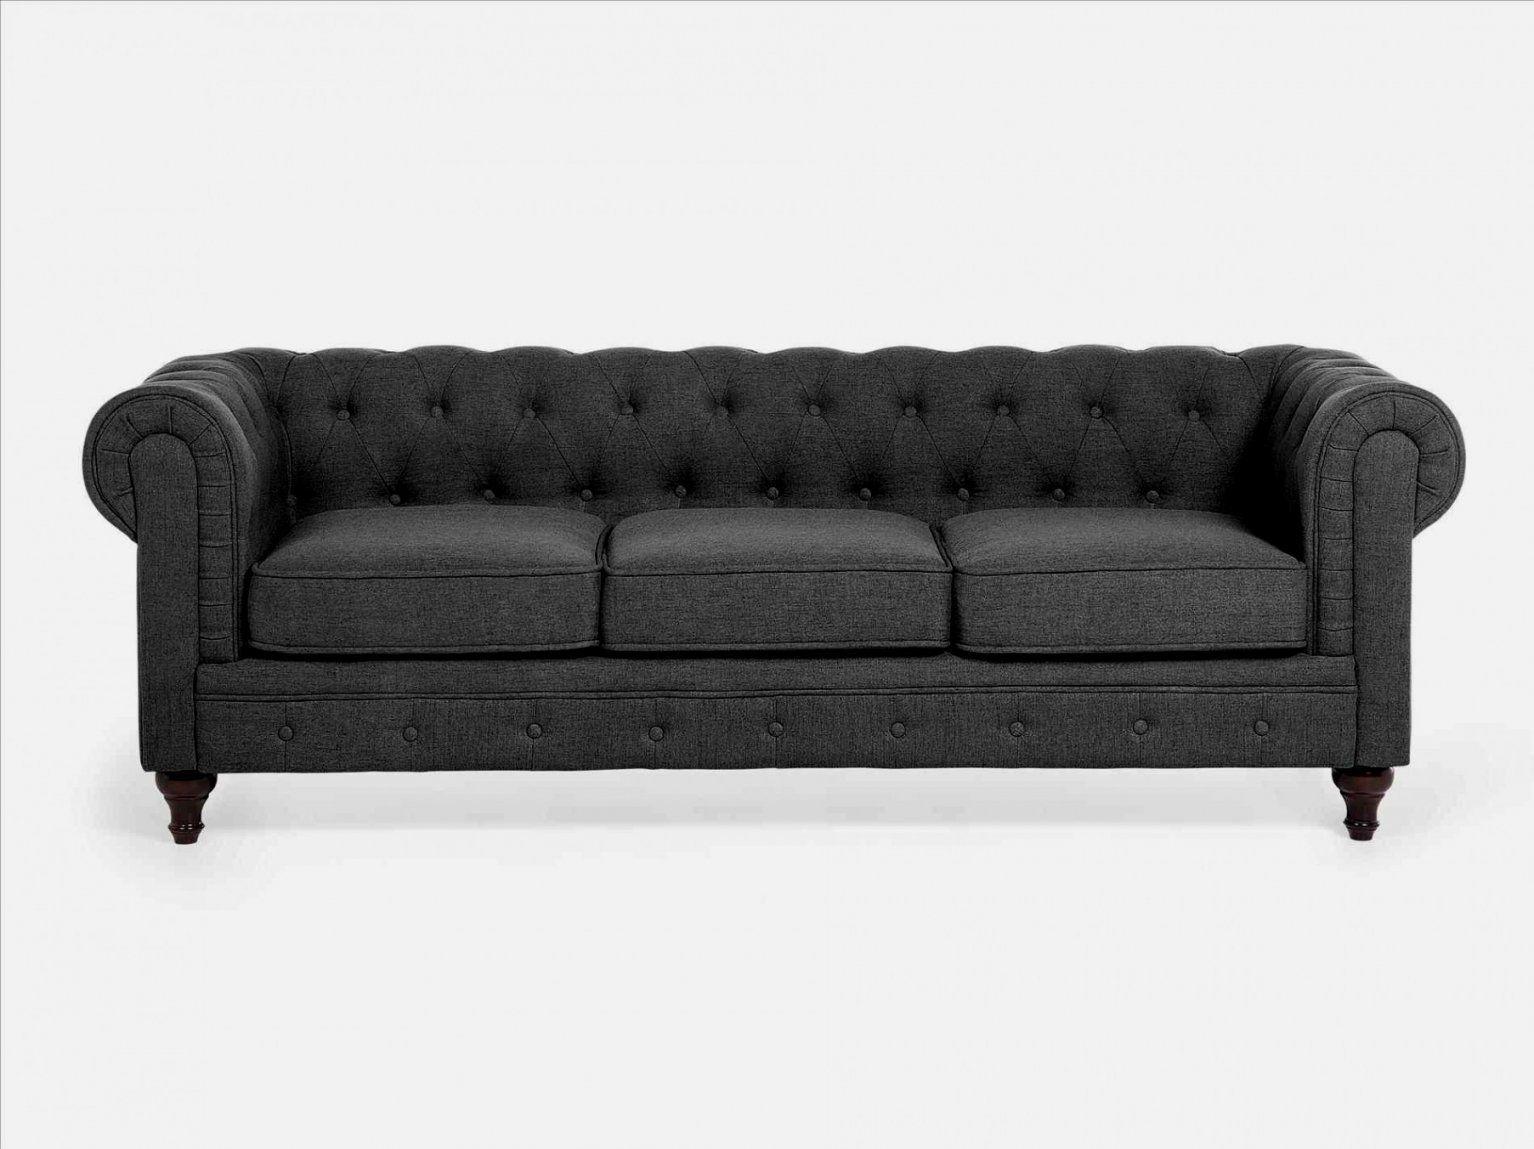 Atemberaubend Kleine Sofas – Specialdesignshopfo Zum Kleine Sofas von Kleine Couch Für Jugendzimmer Bild